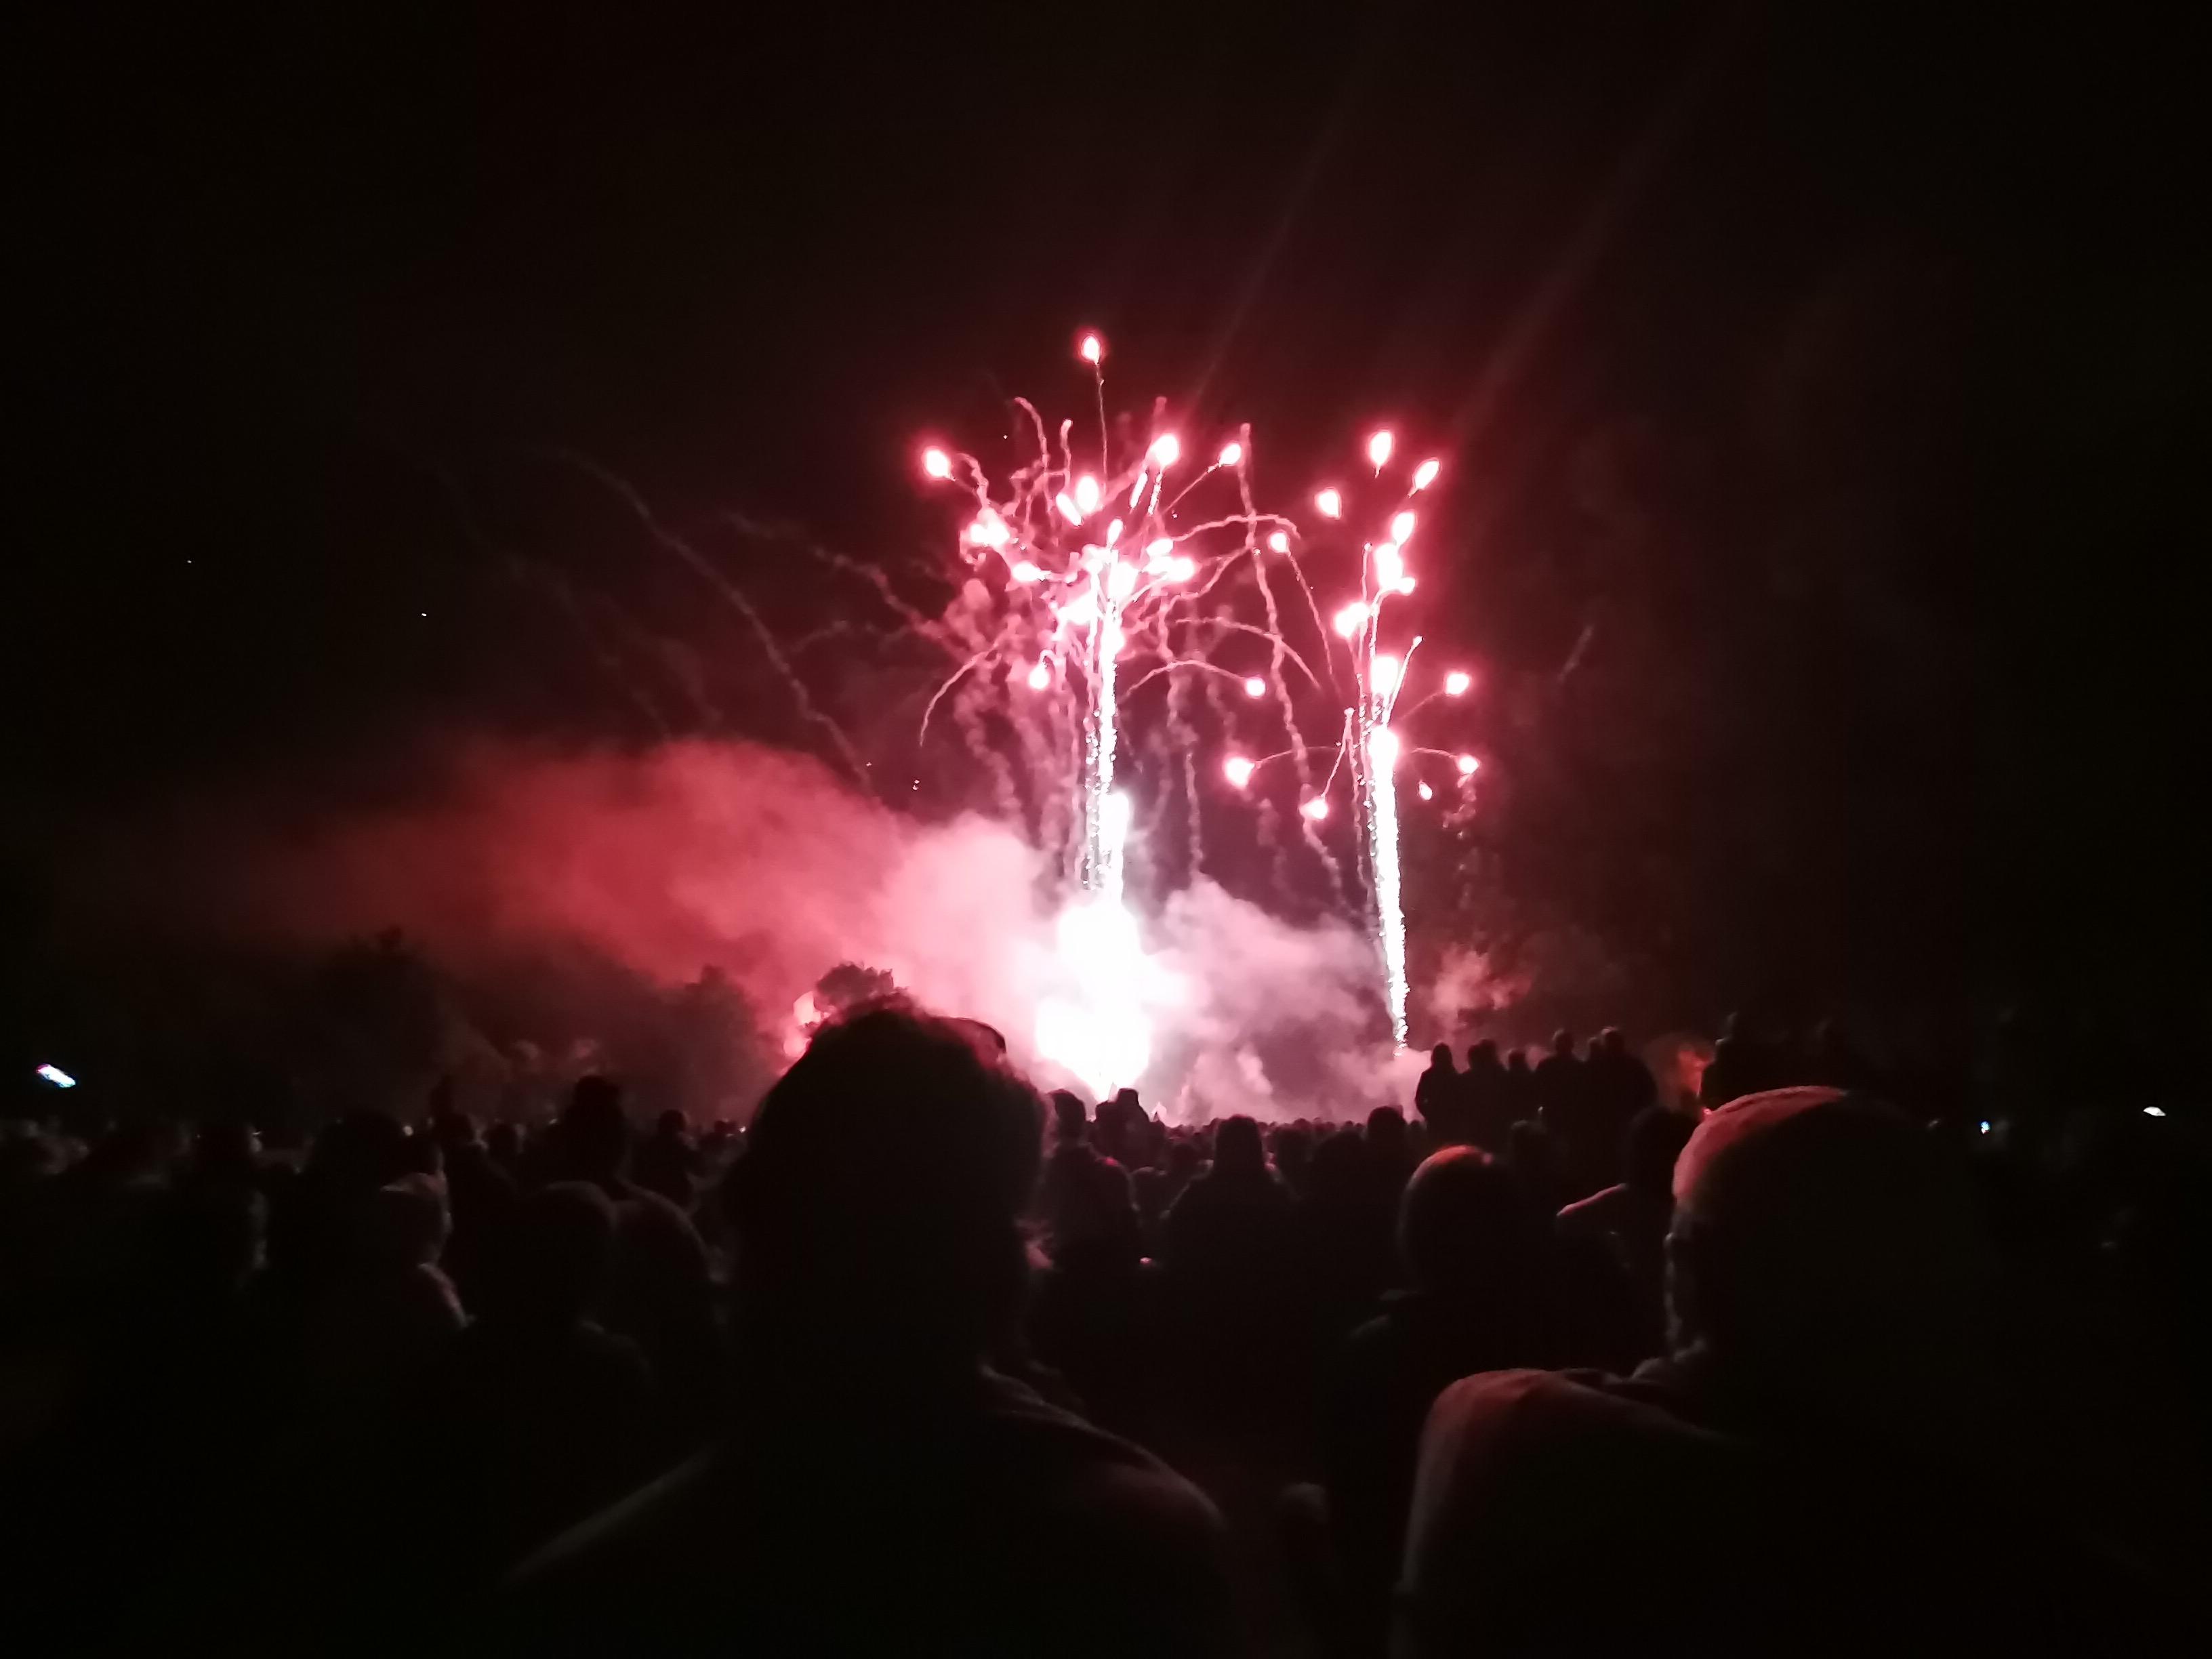 Le feu d'artifice du 1er août, organisé par la municipalité !